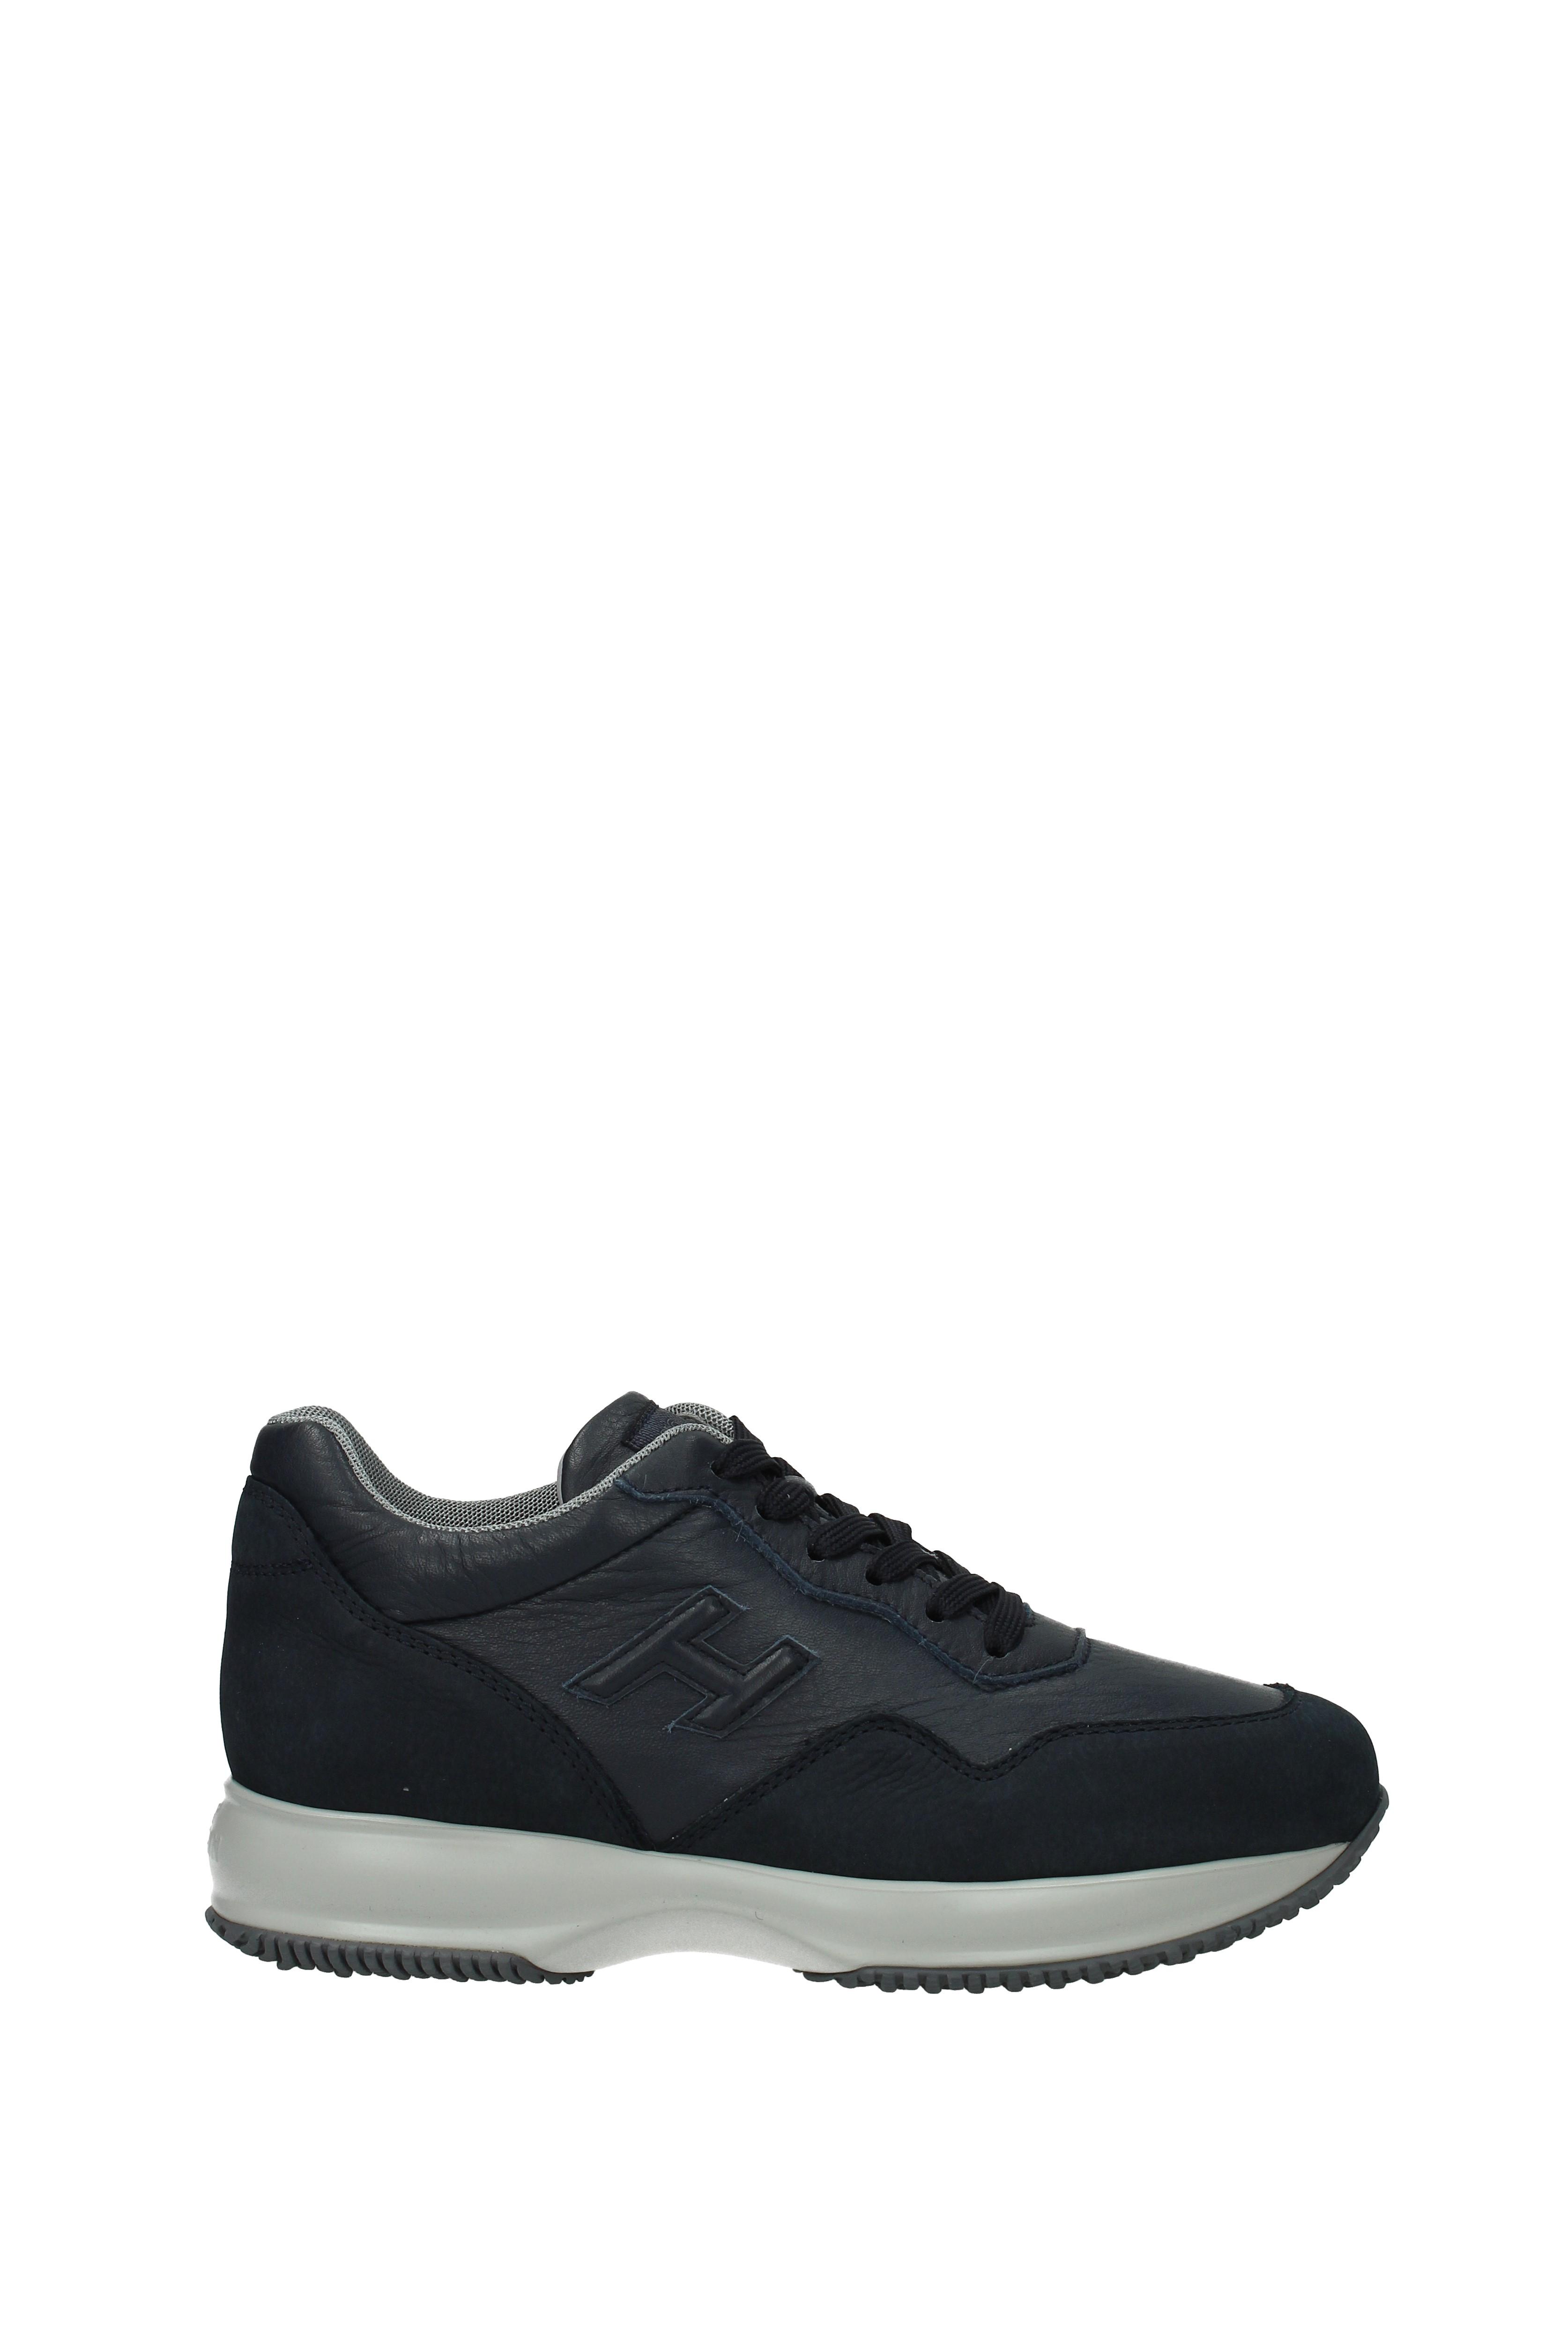 Sneakers Hogan interactive Herren - (HXM00N0U040HRM) Leder (HXM00N0U040HRM) - 1815be